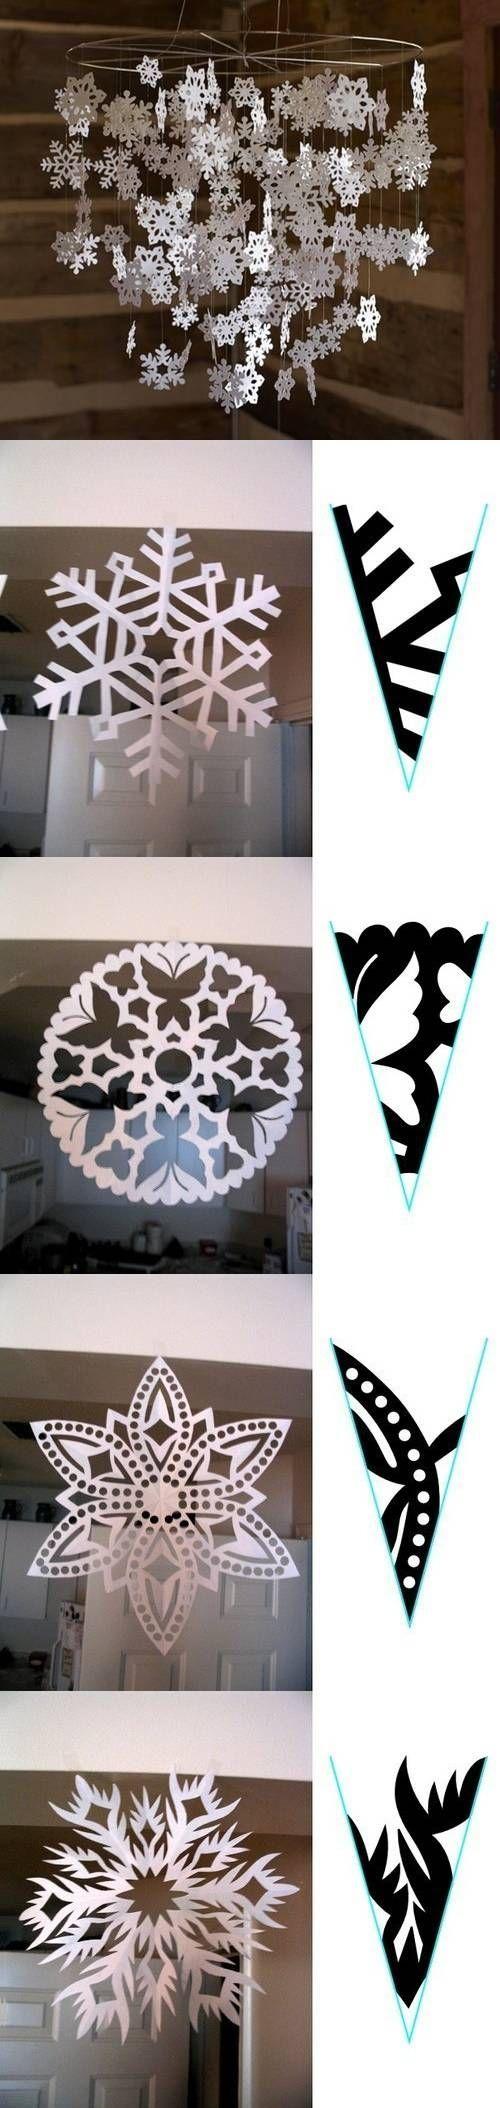 Cuelga de una corona copos de nieve hechos de papel. UNa bonita manera de decorar una fiesta Frozen